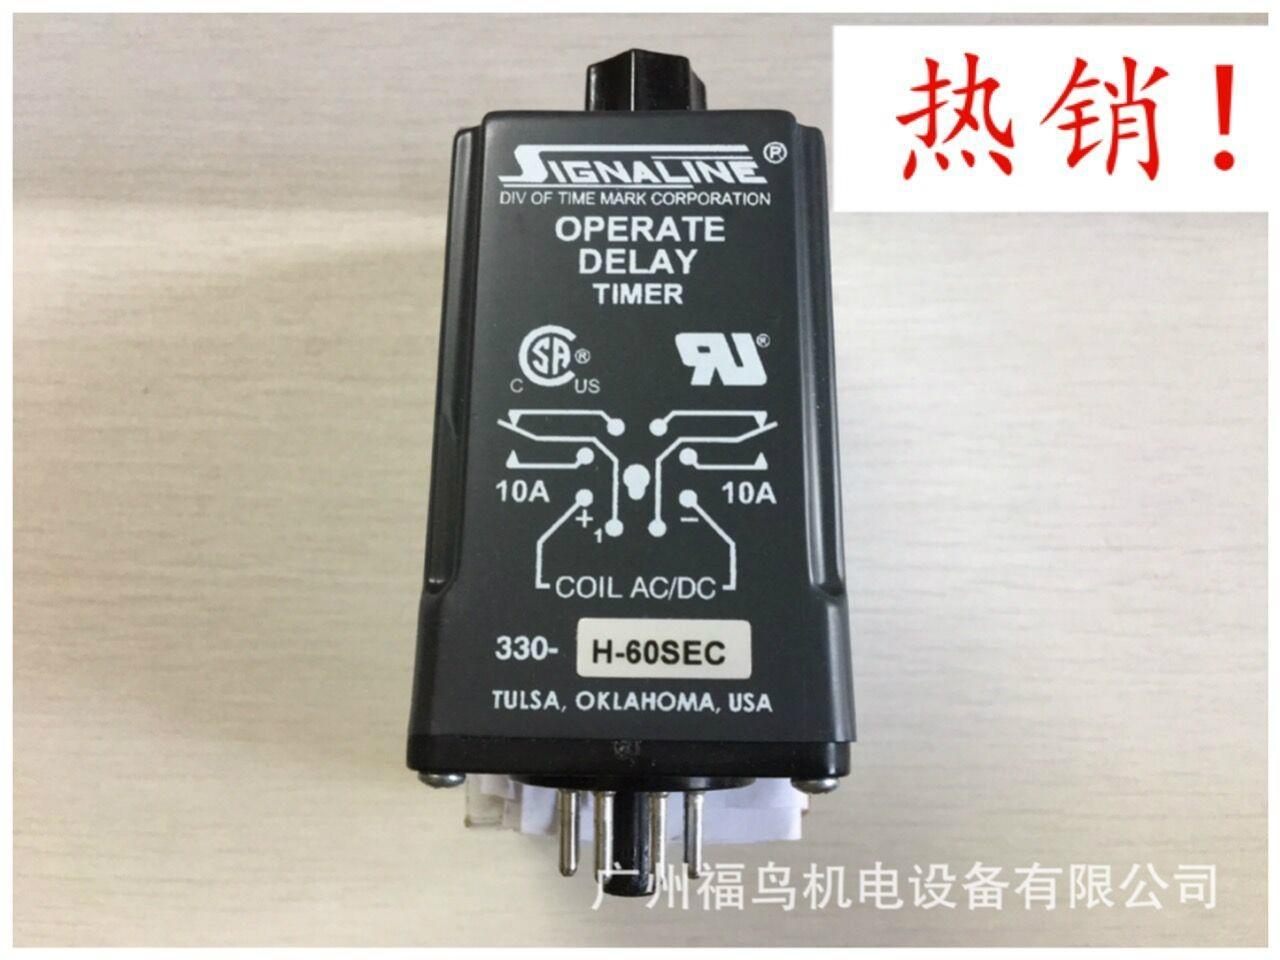 TIME MARK時間繼電器, 型號: 330-H-60SEC.